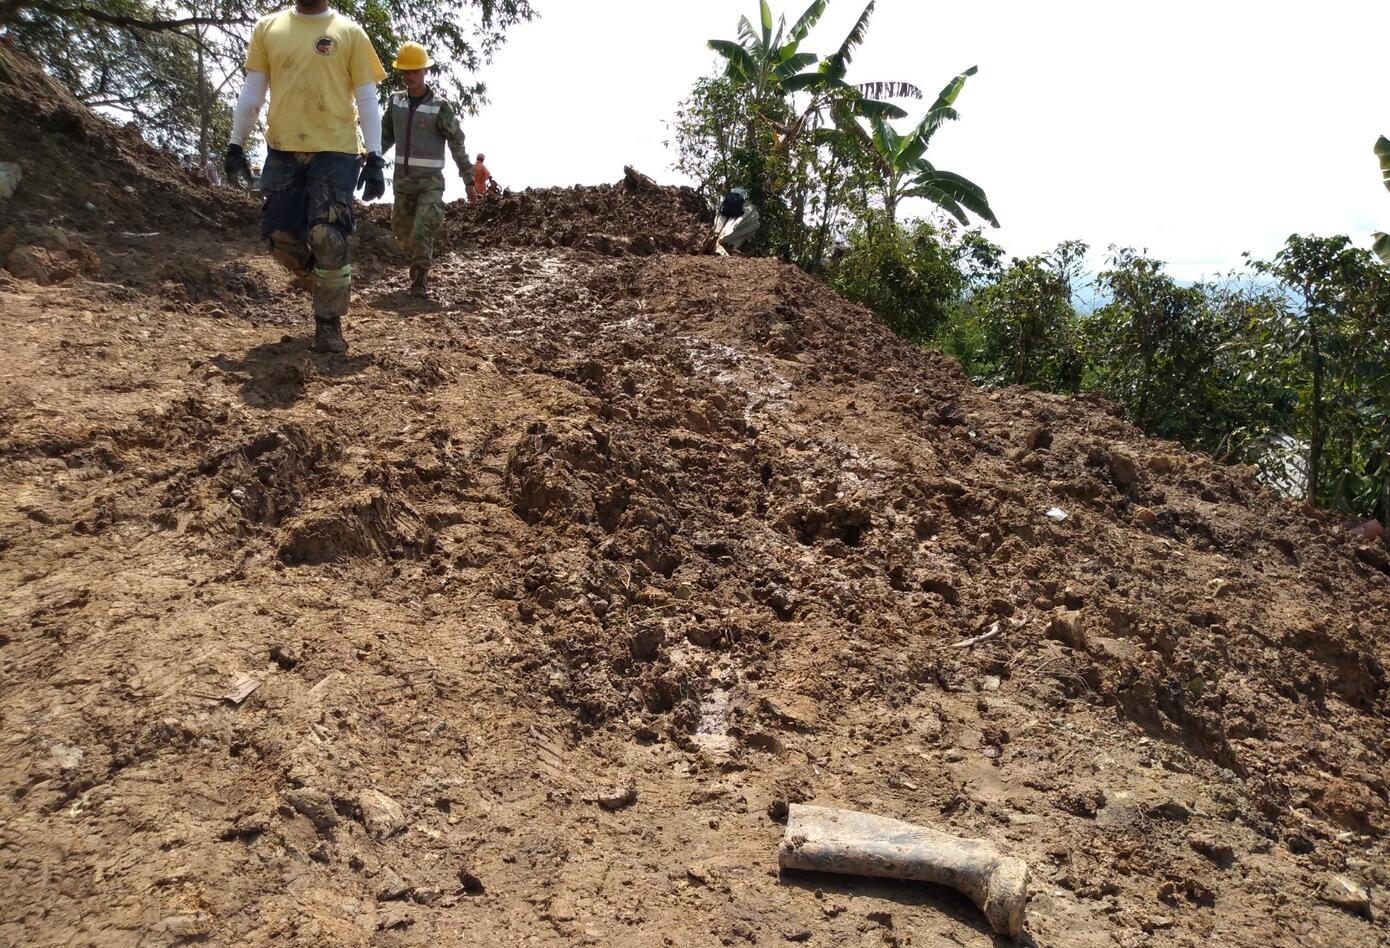 Terreno en la zona afectada.